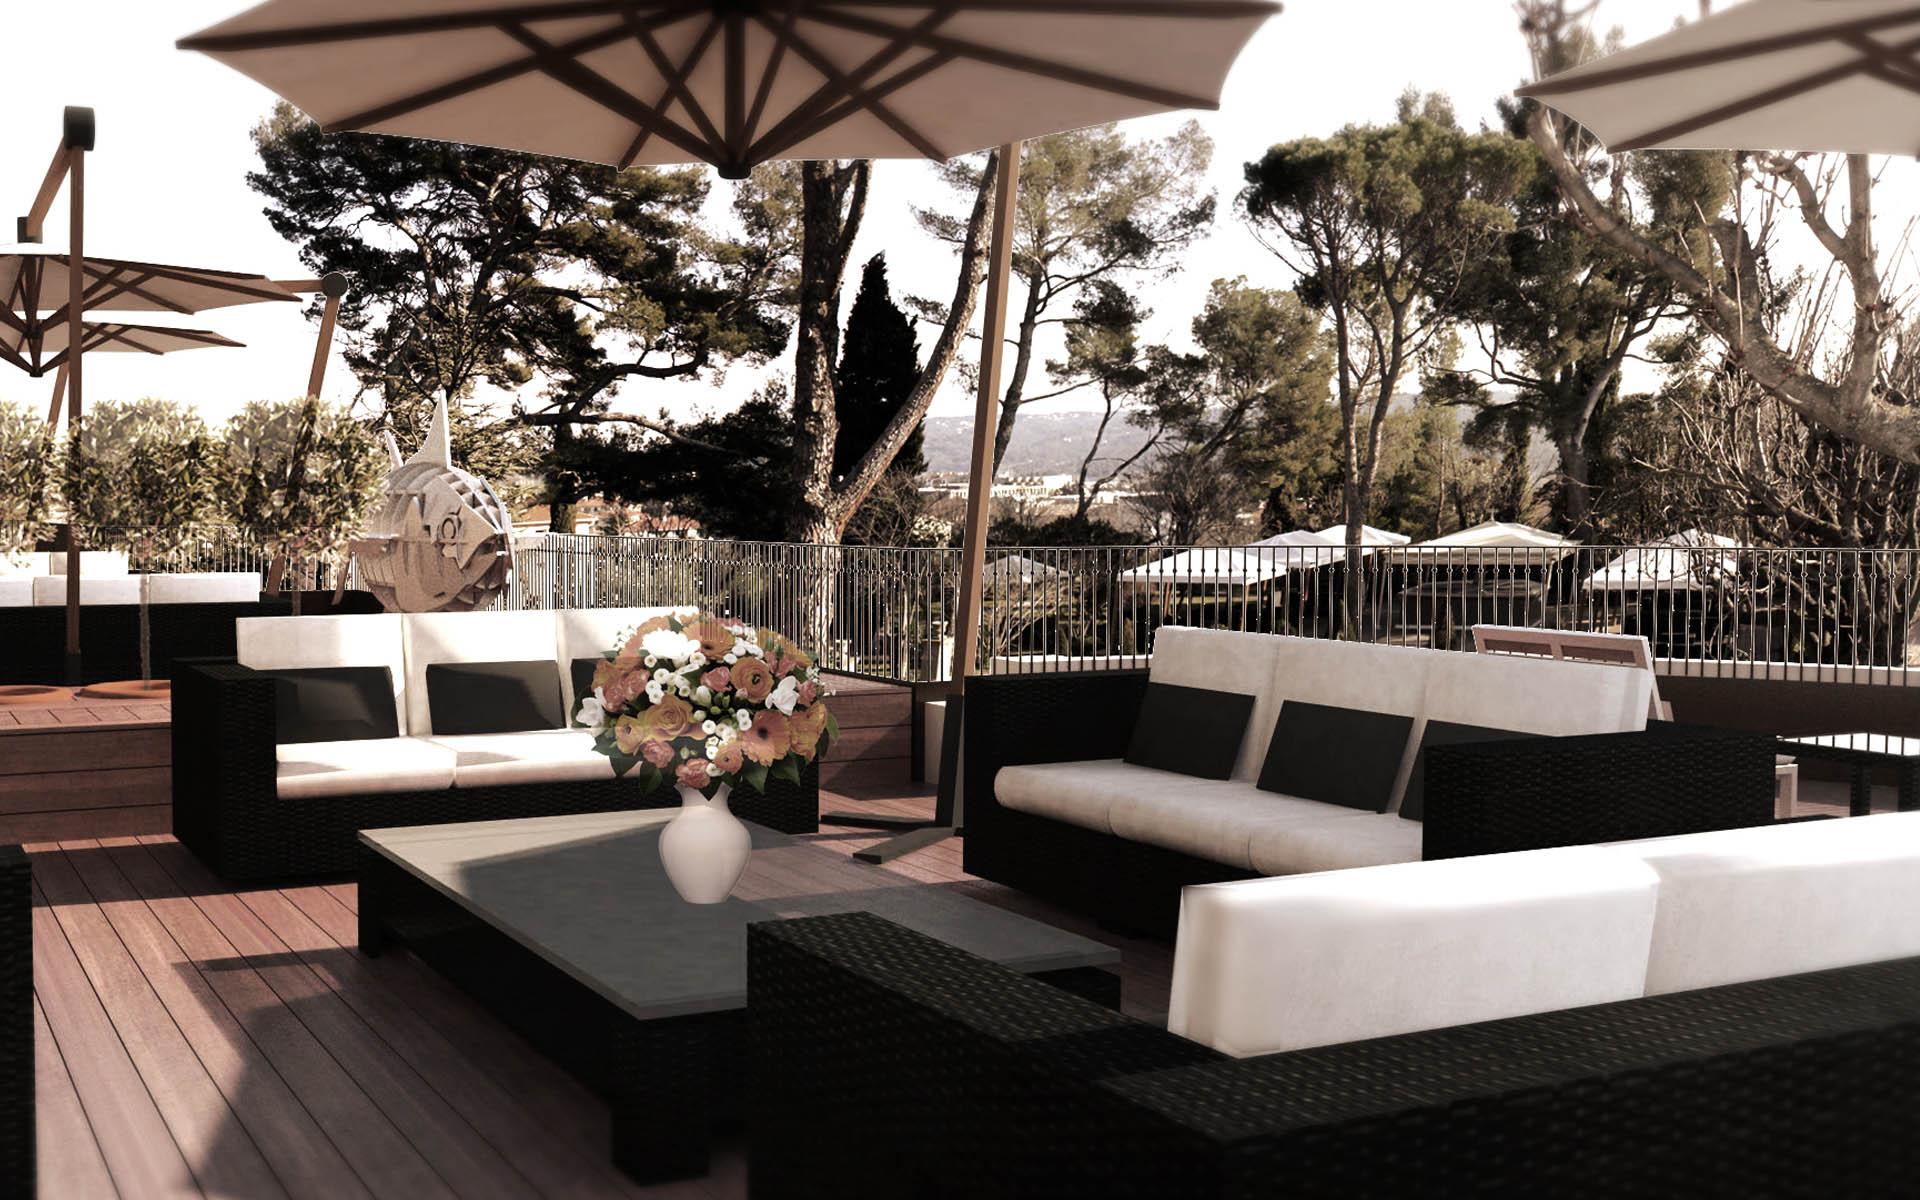 Architecte intérieur Hotel - Aix en provence 30